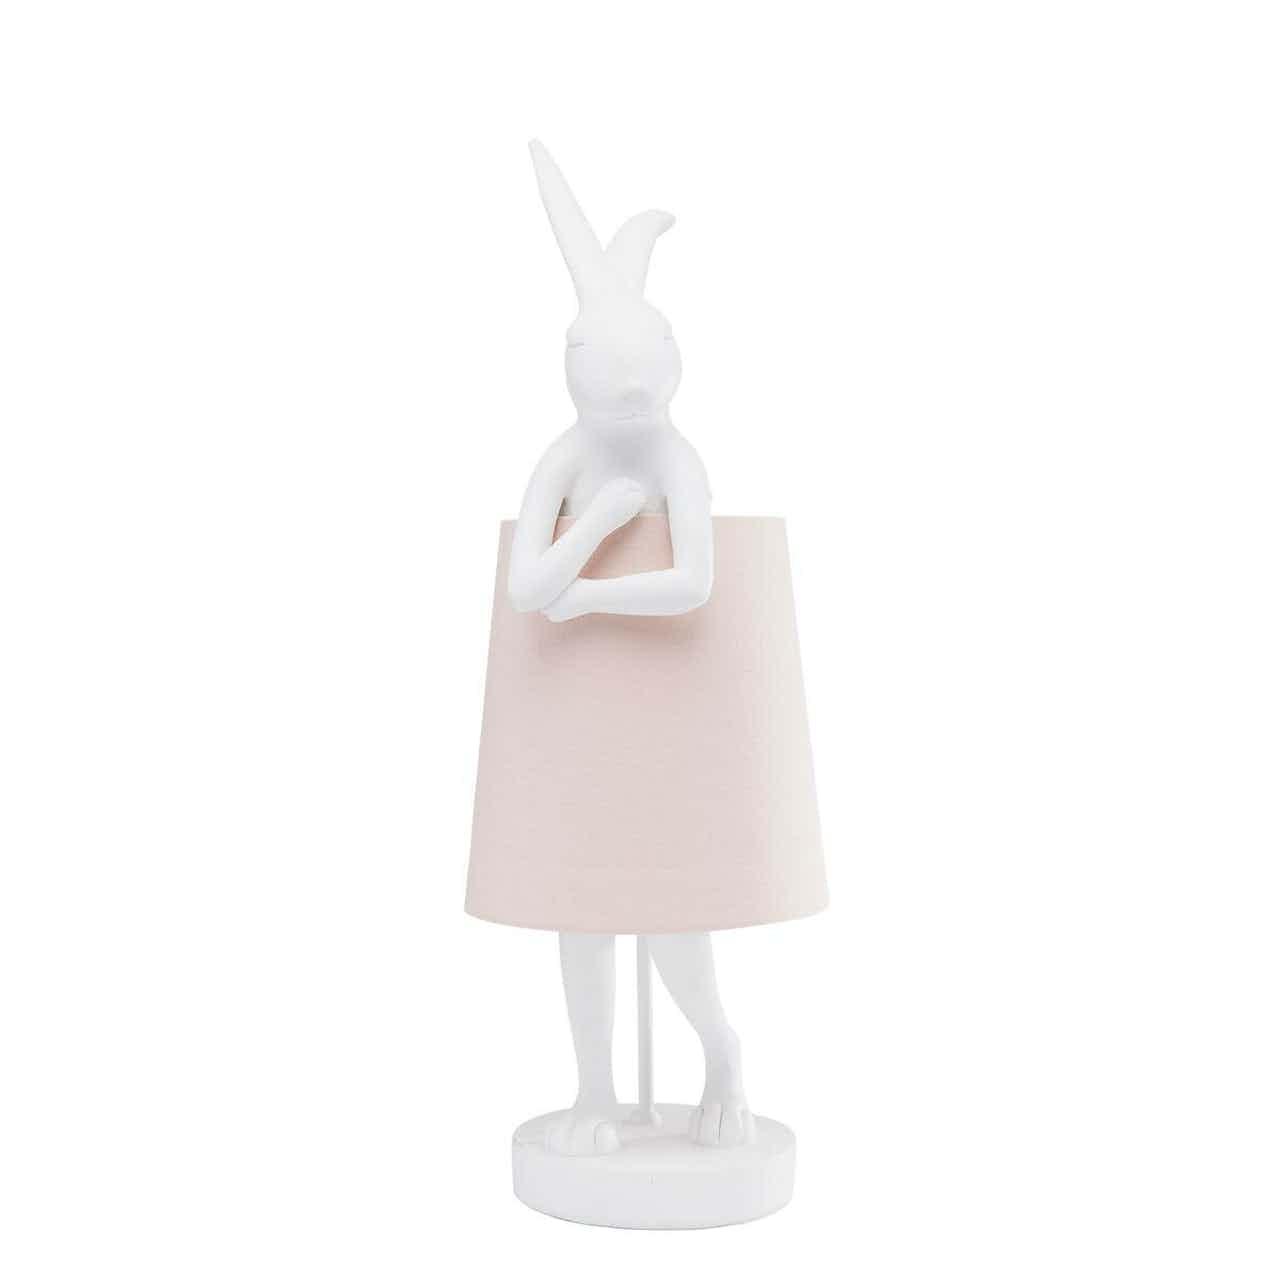 Kare Tischleuchte Animal Rabbit weiß